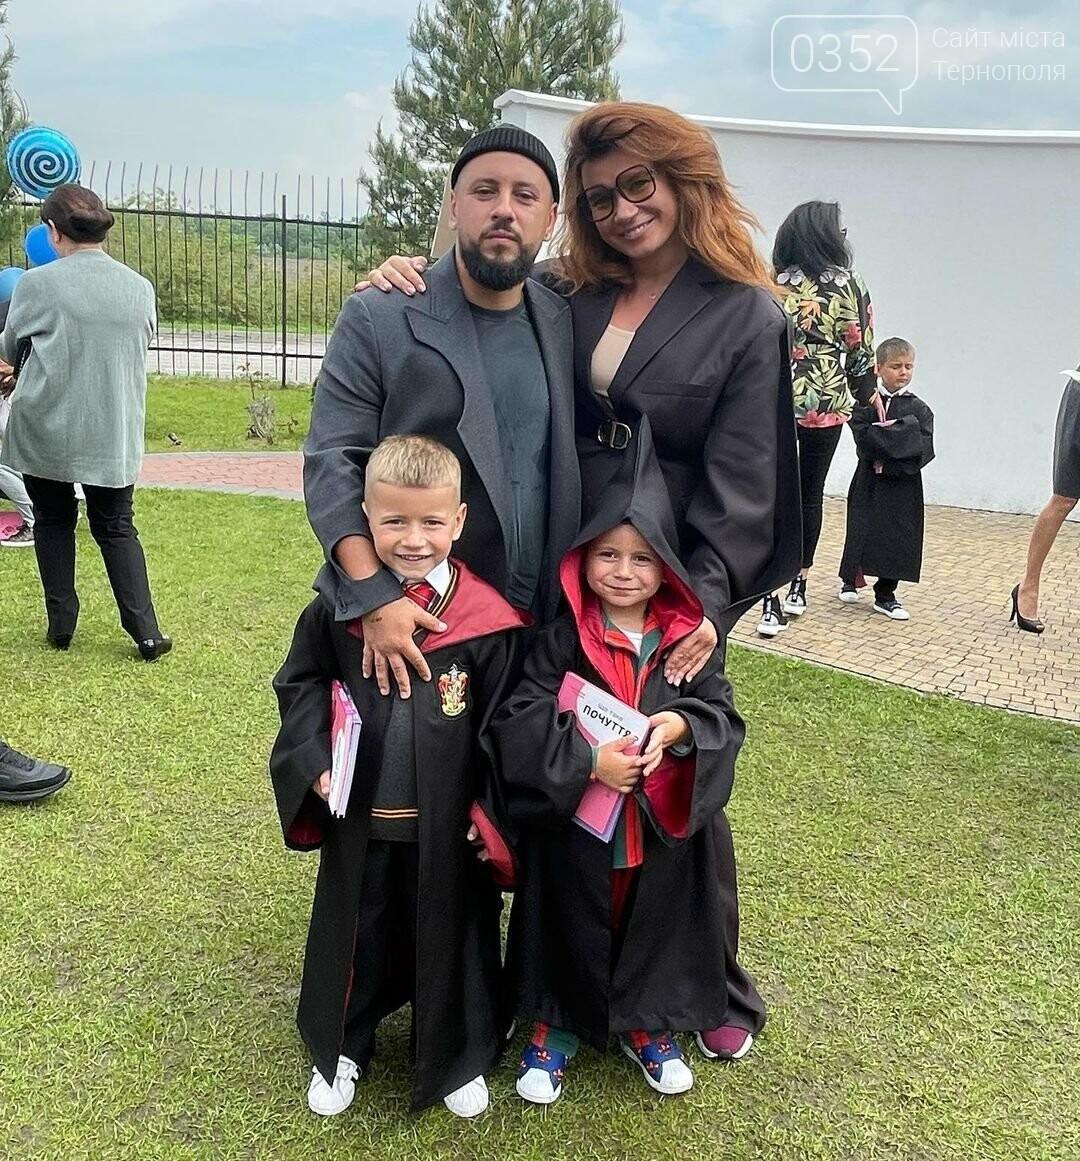 """""""Сльози струмком"""": дружина  MONATIK показала фото з випускного їхніх синів (ФОТО), фото-2"""